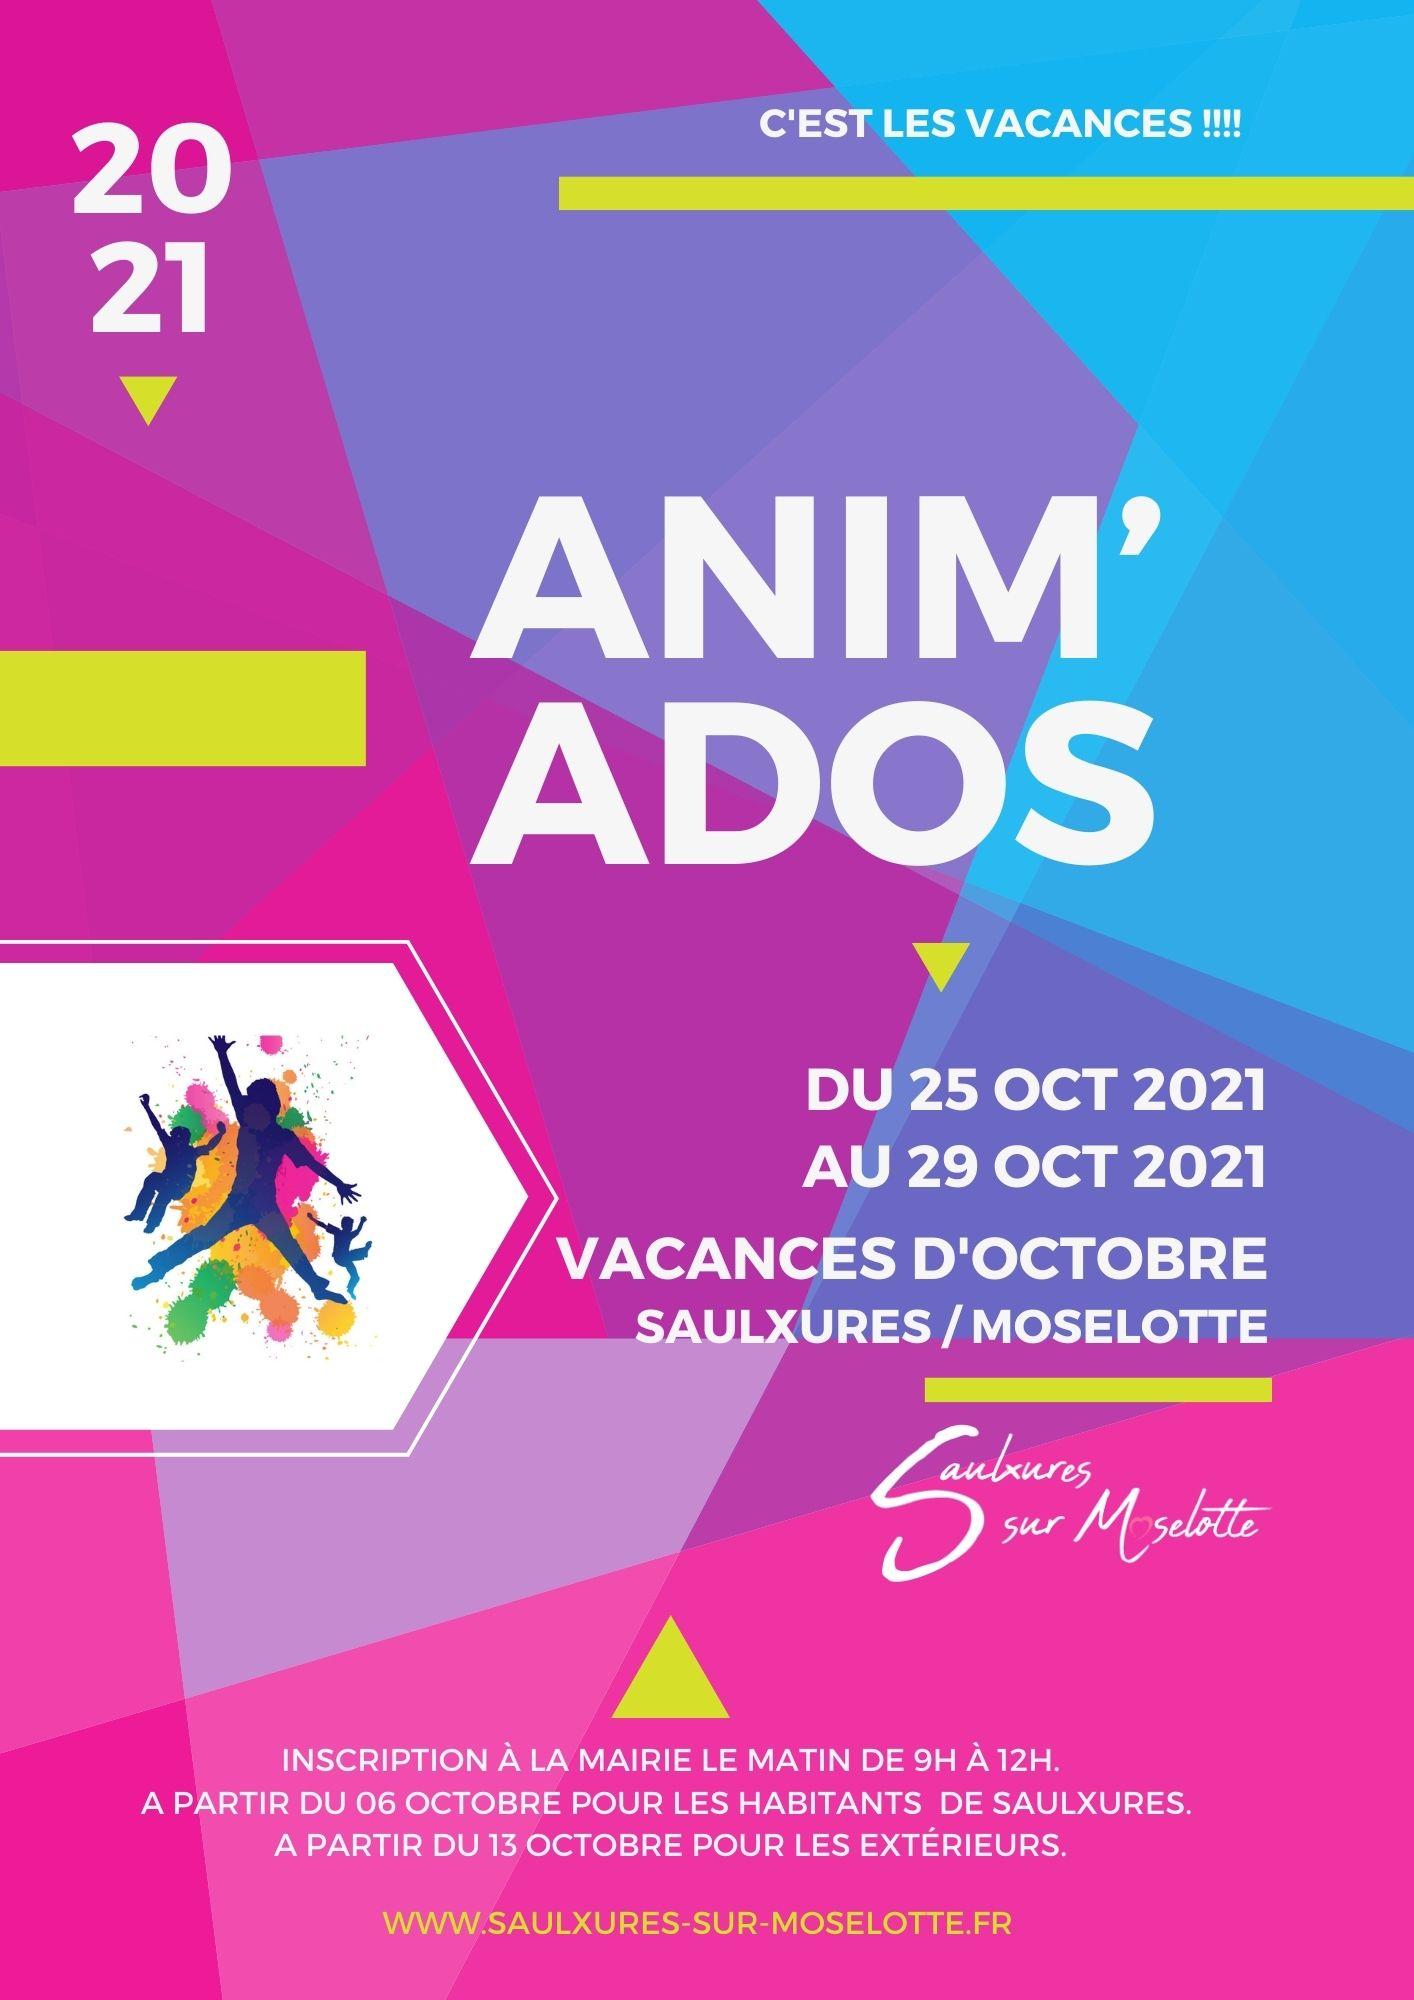 Anim'Ados Vacances d'octobre2021